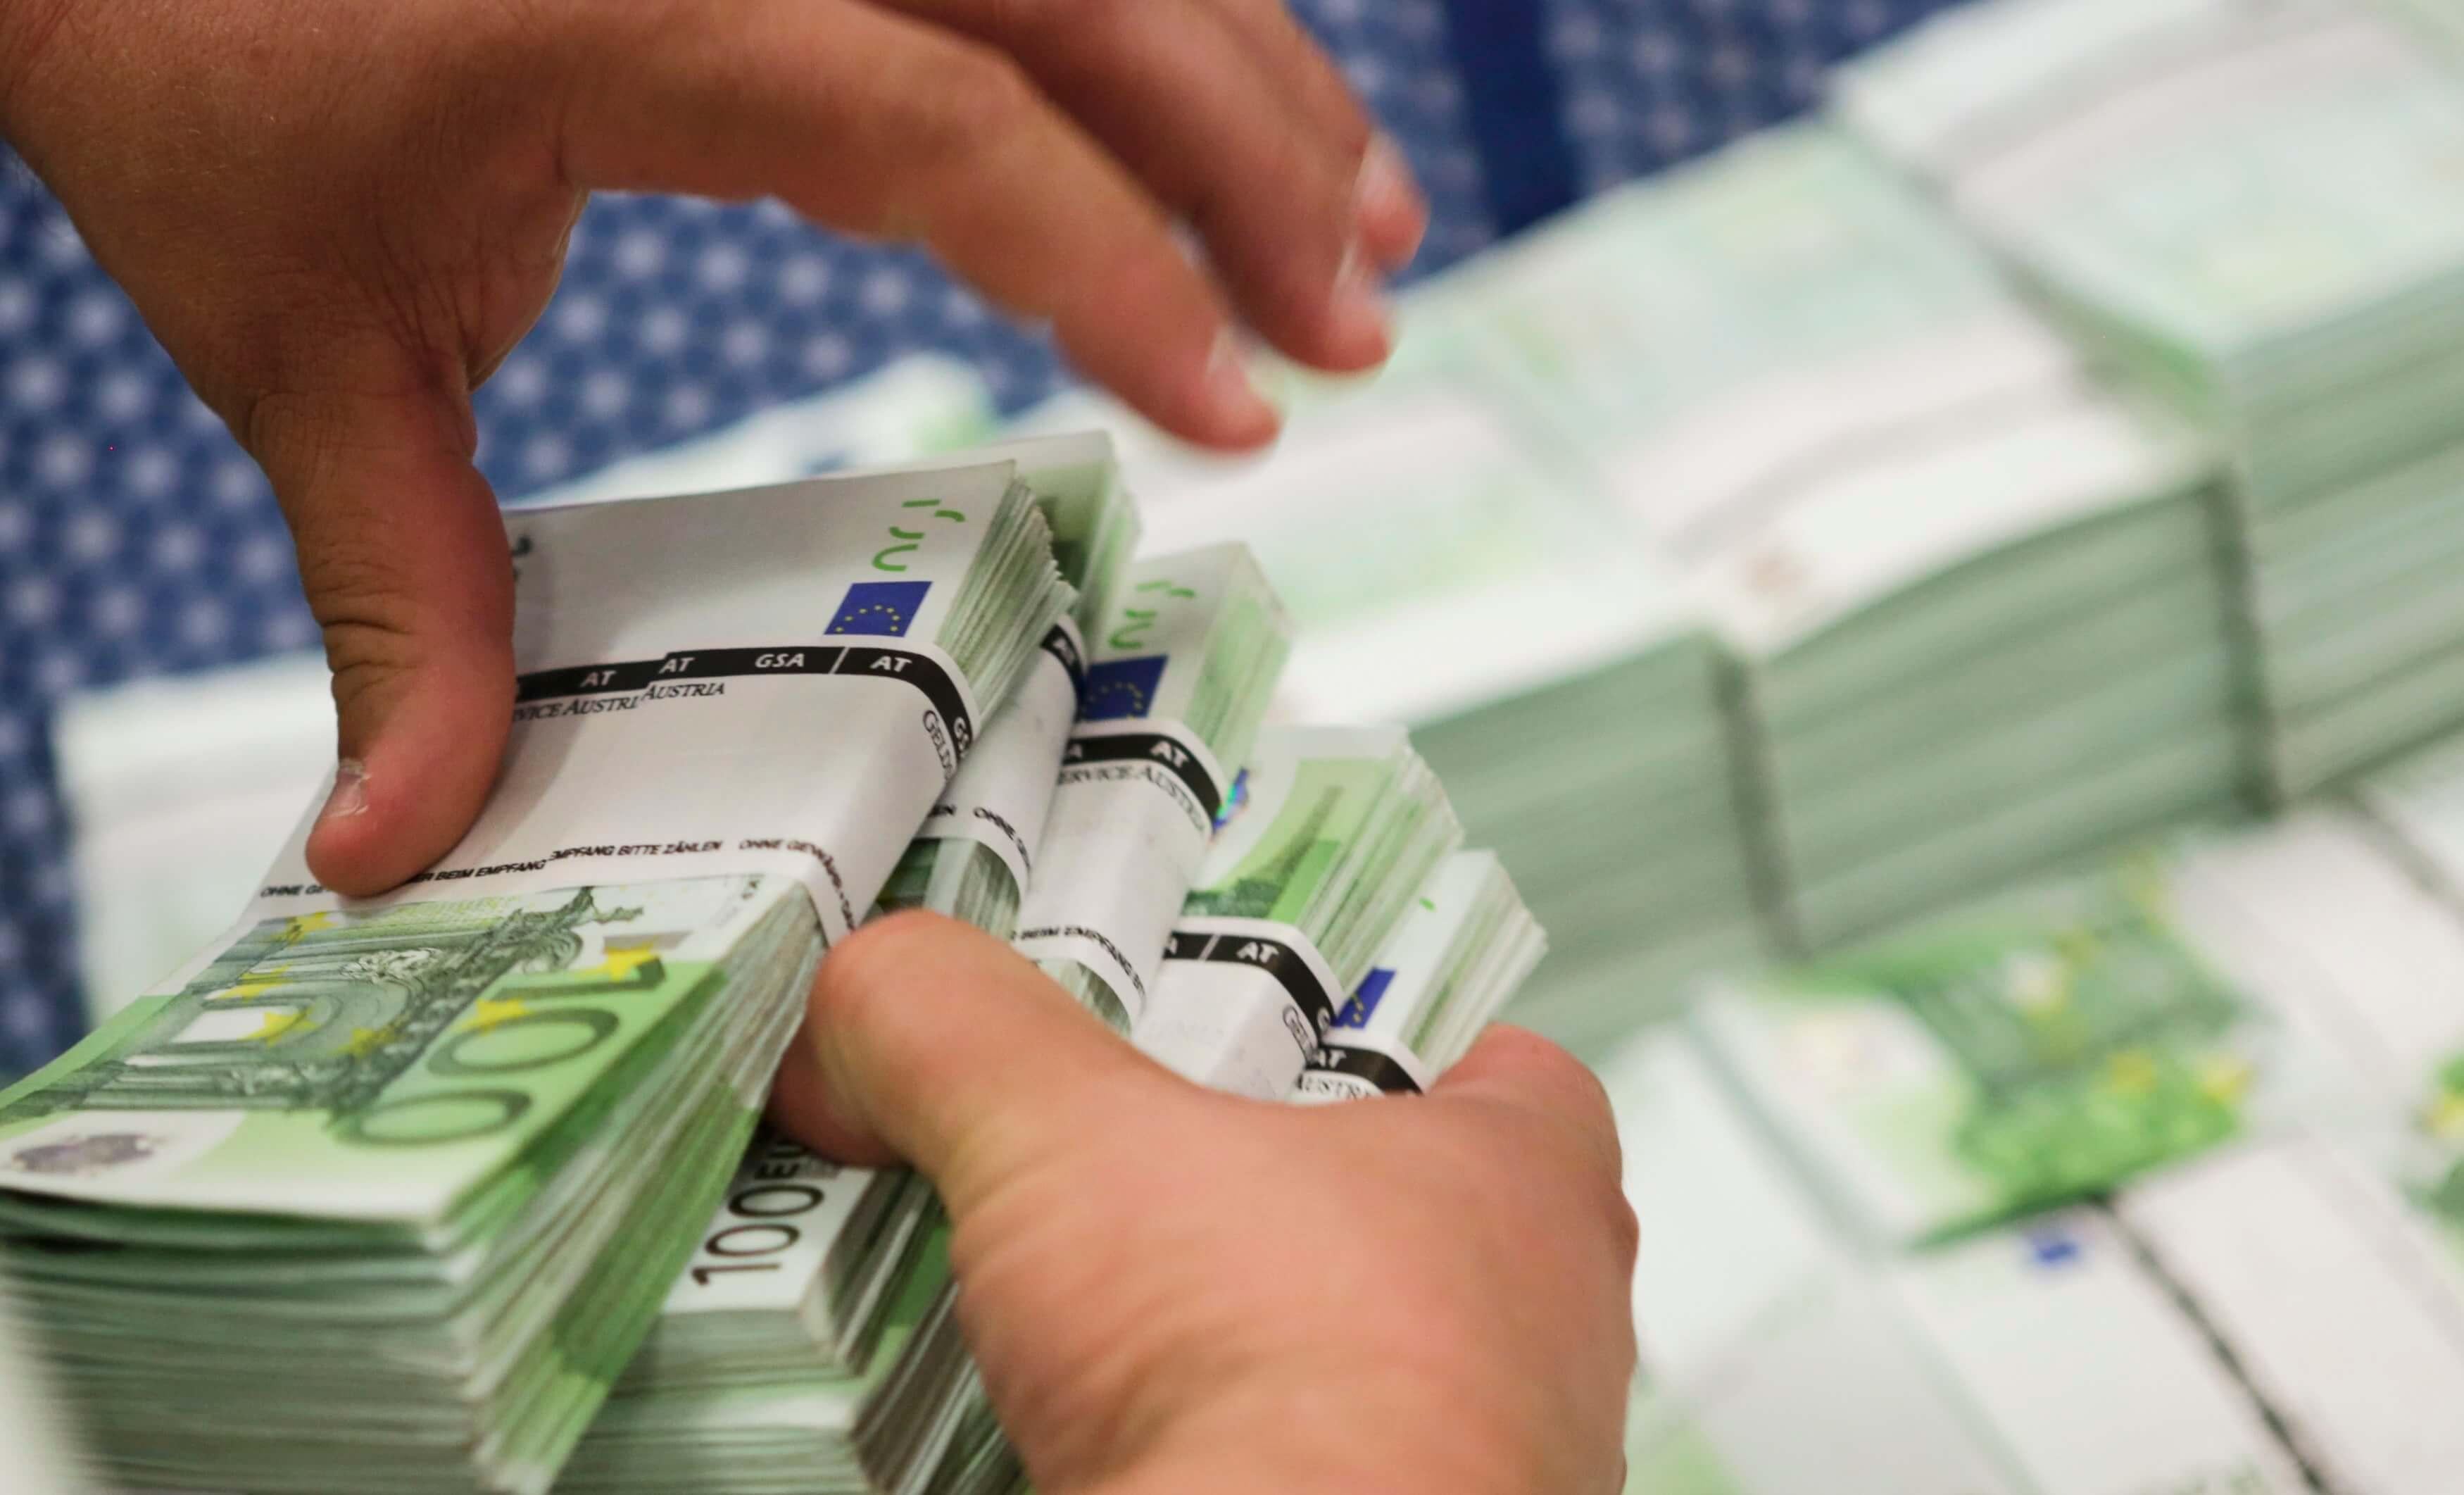 Προϋπολογισμός: Πρωτογενές έλλειμμα 1,45 δισ. ευρώ στο τέλος Μαΐου